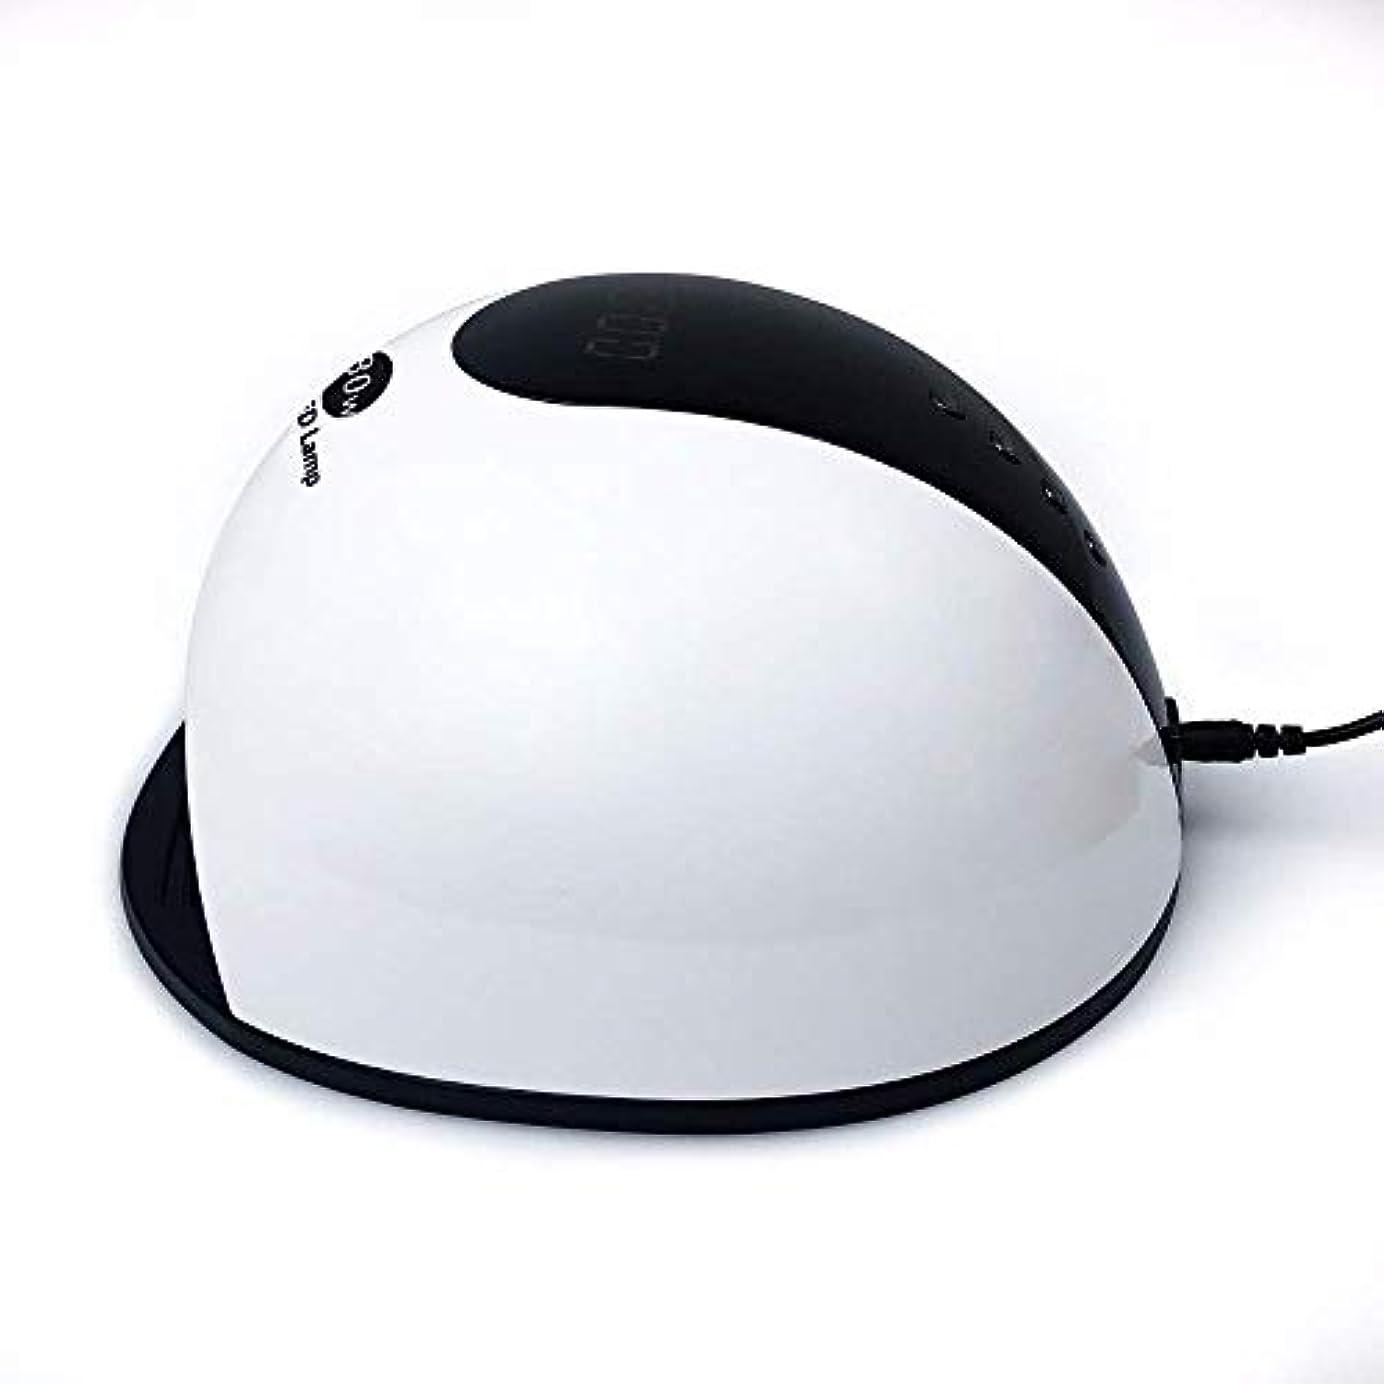 ヒゲクジラ大騒ぎ断言するネイルドライヤー80W UV LEDジェルランプマニキュア用ジェルポリッシュアイスランプ(36個のLED付き)ドライヤーランプスマートLCDディスプレイネイルマシン、写真の色